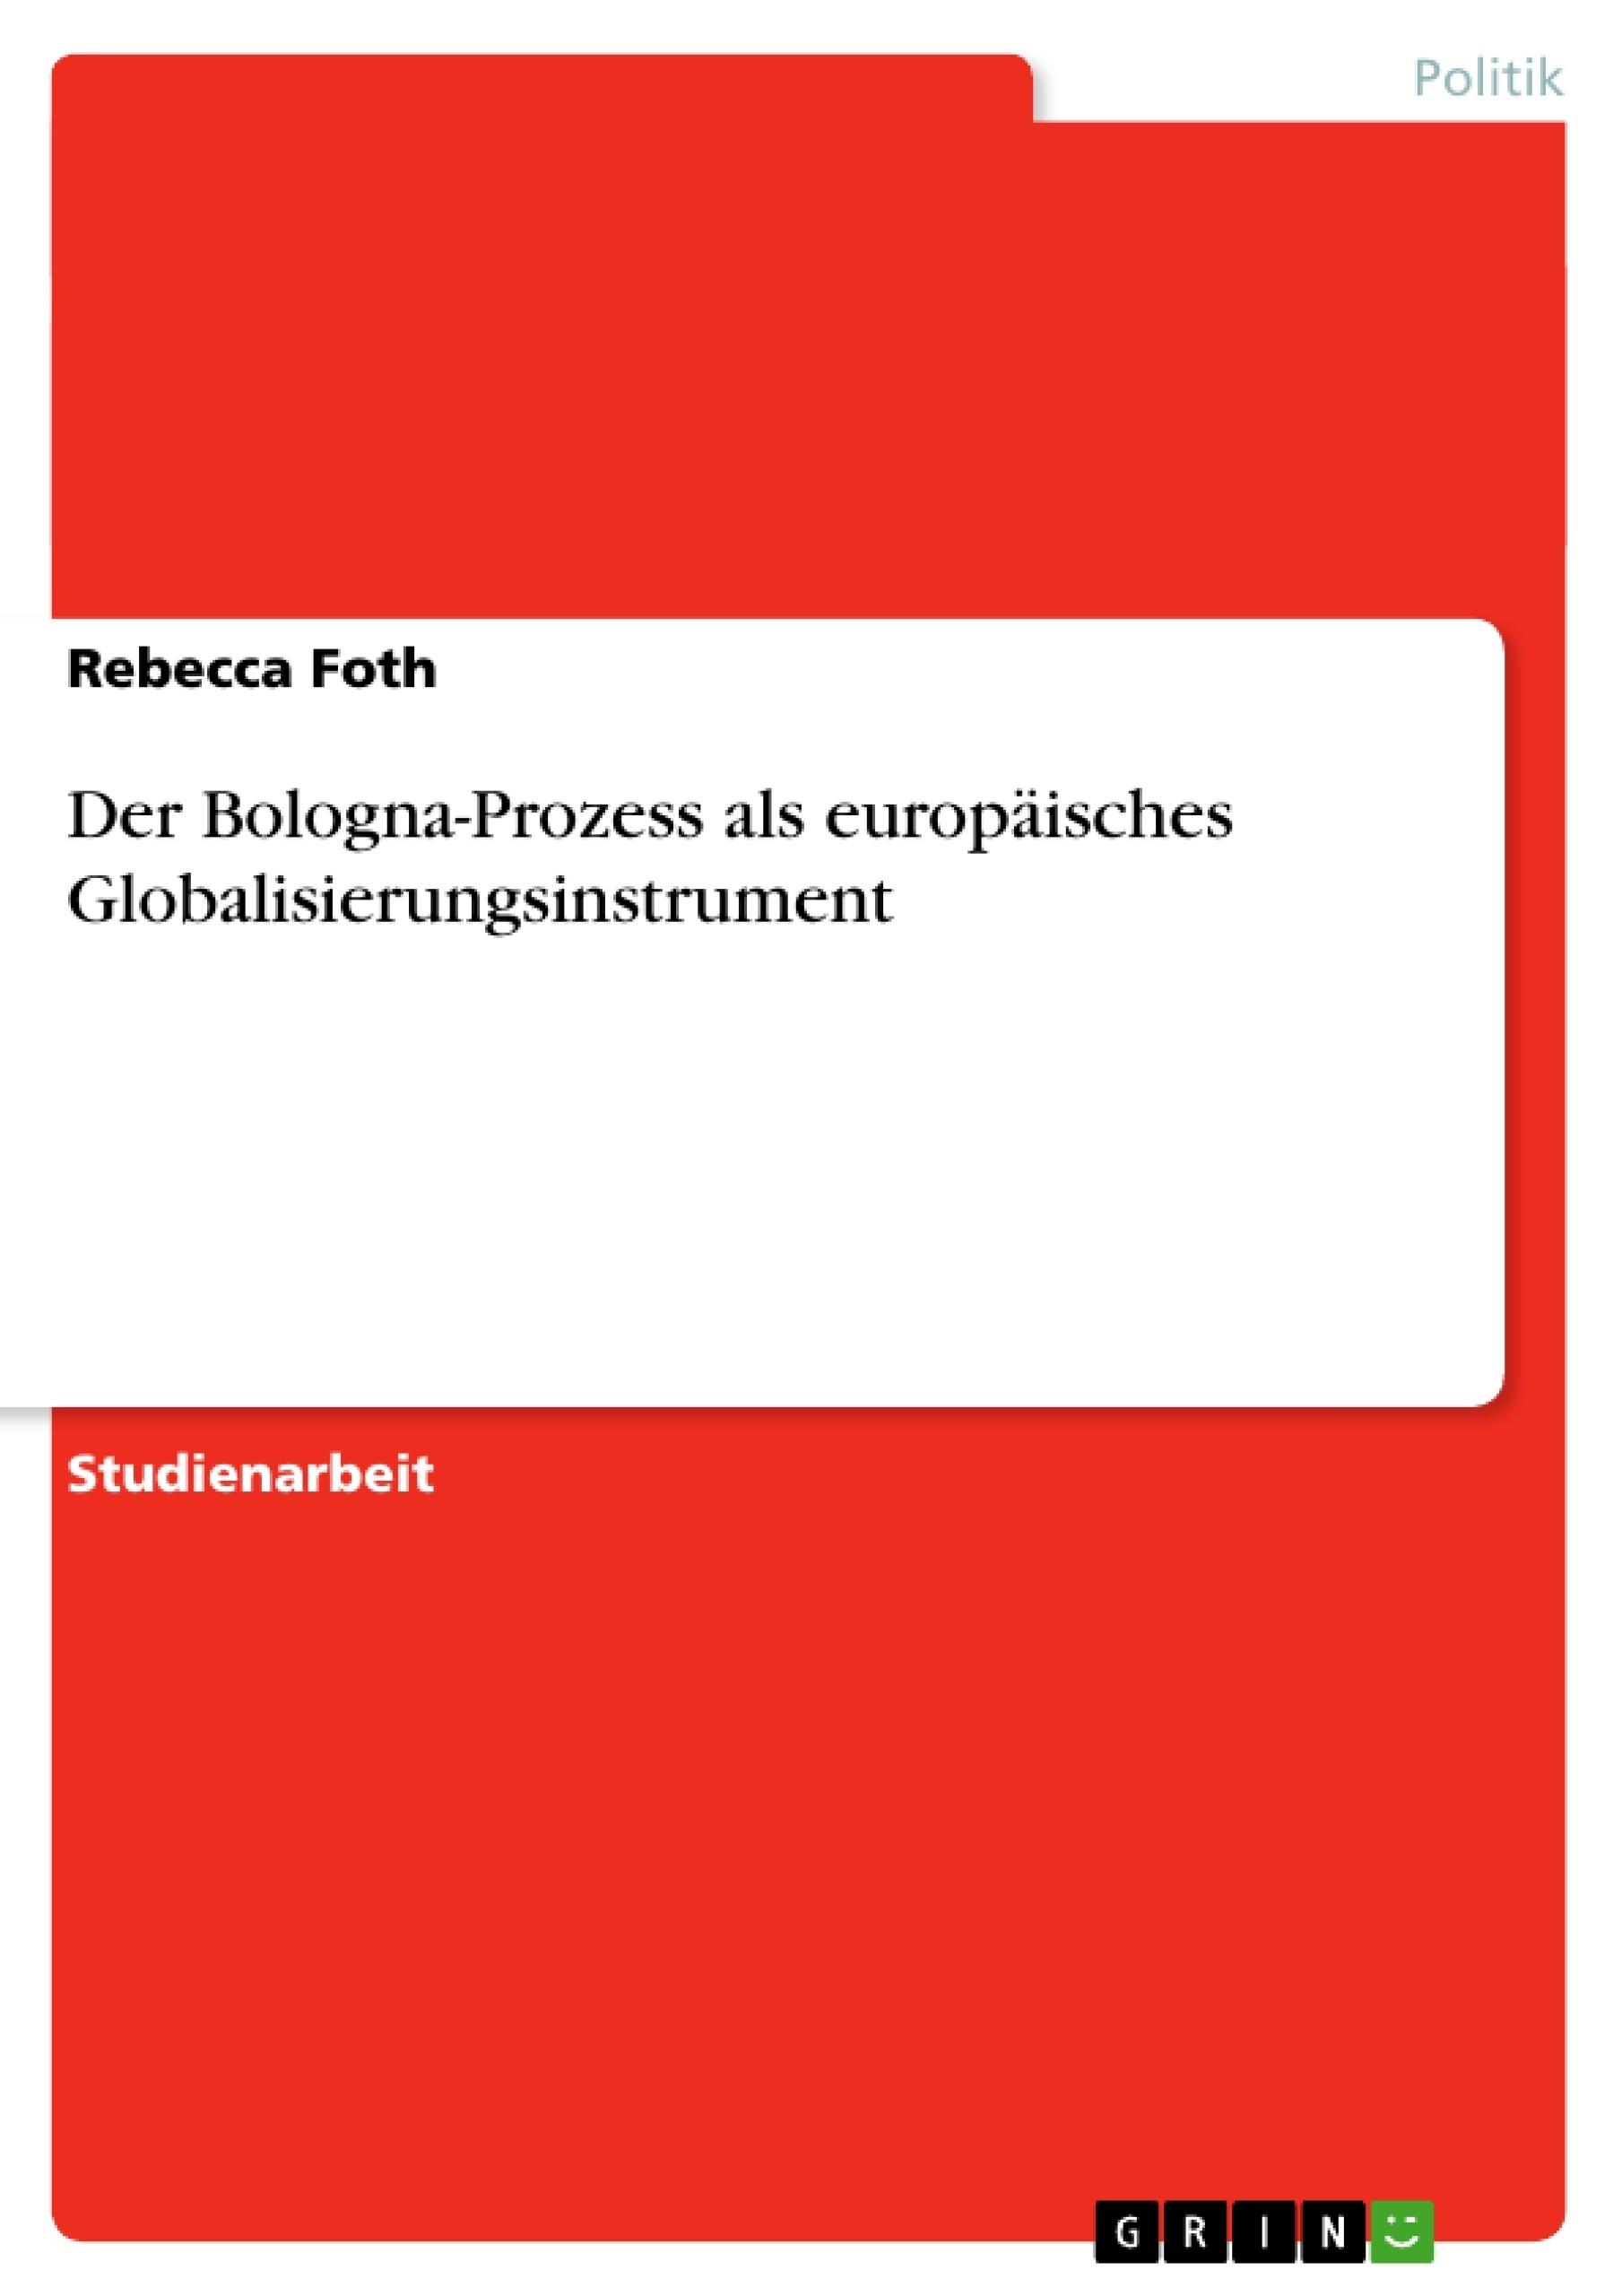 Titel: Der Bologna-Prozess als europäisches Globalisierungsinstrument